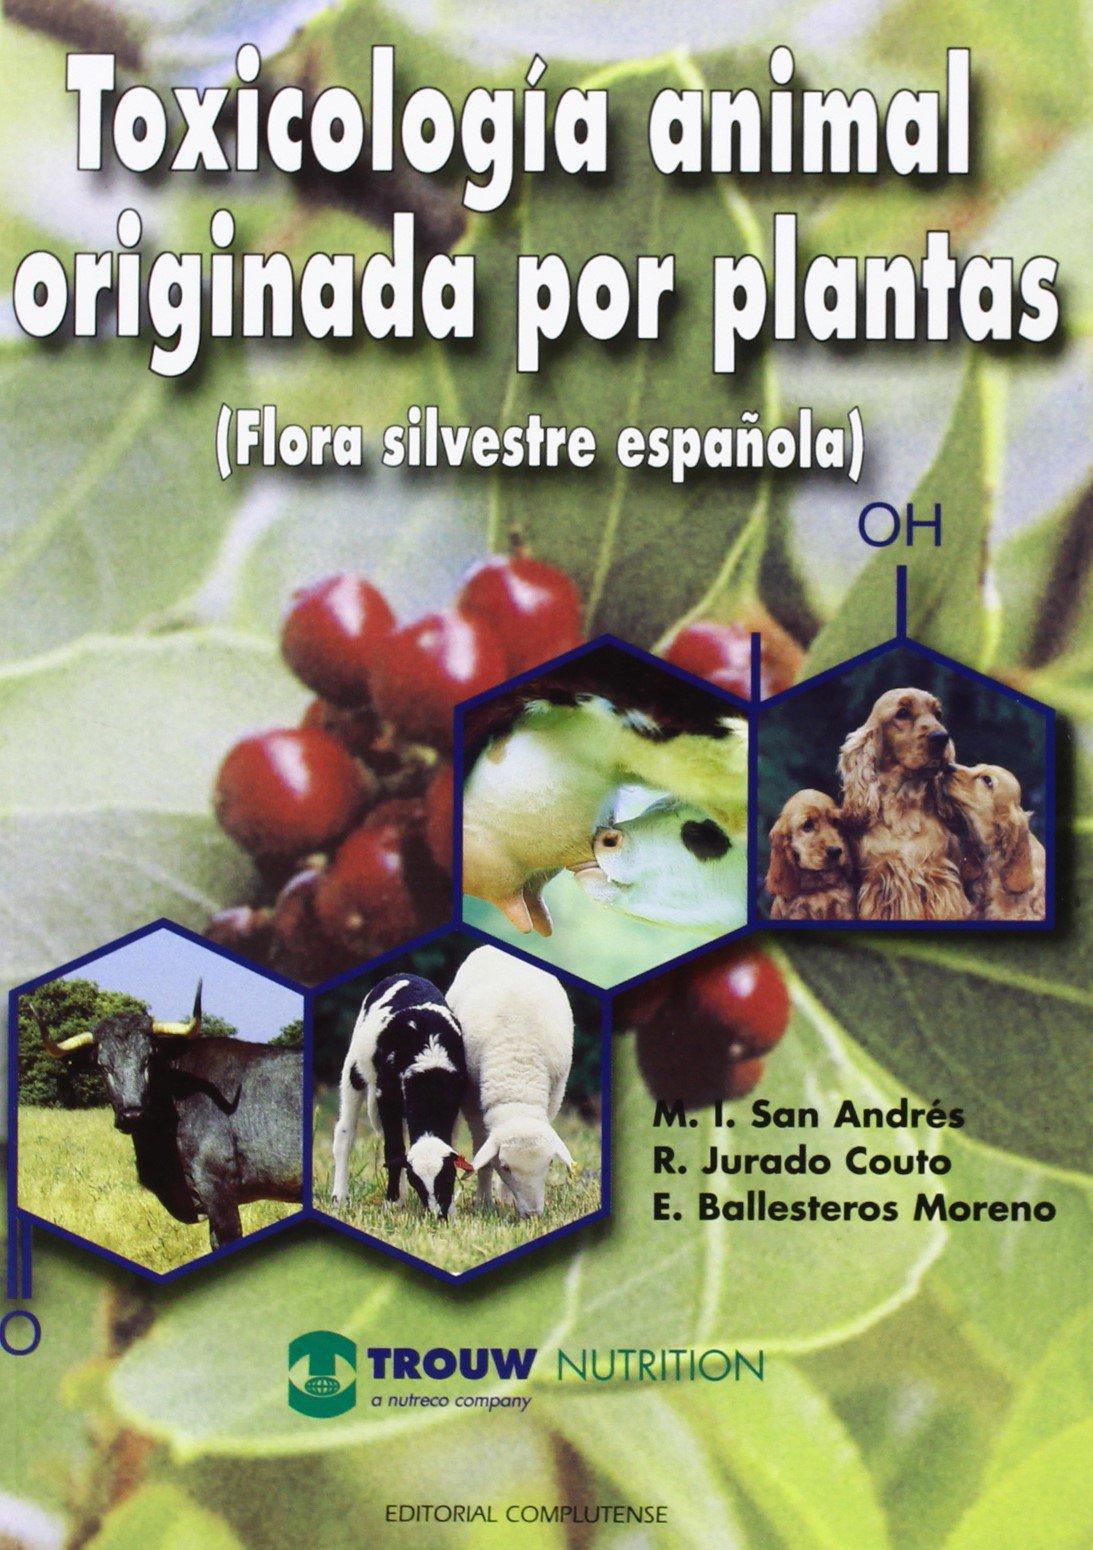 Toxicología animal originada por plantas. Flora silvestre de España sin colección: Amazon.es: San Andres, M. I.: Libros